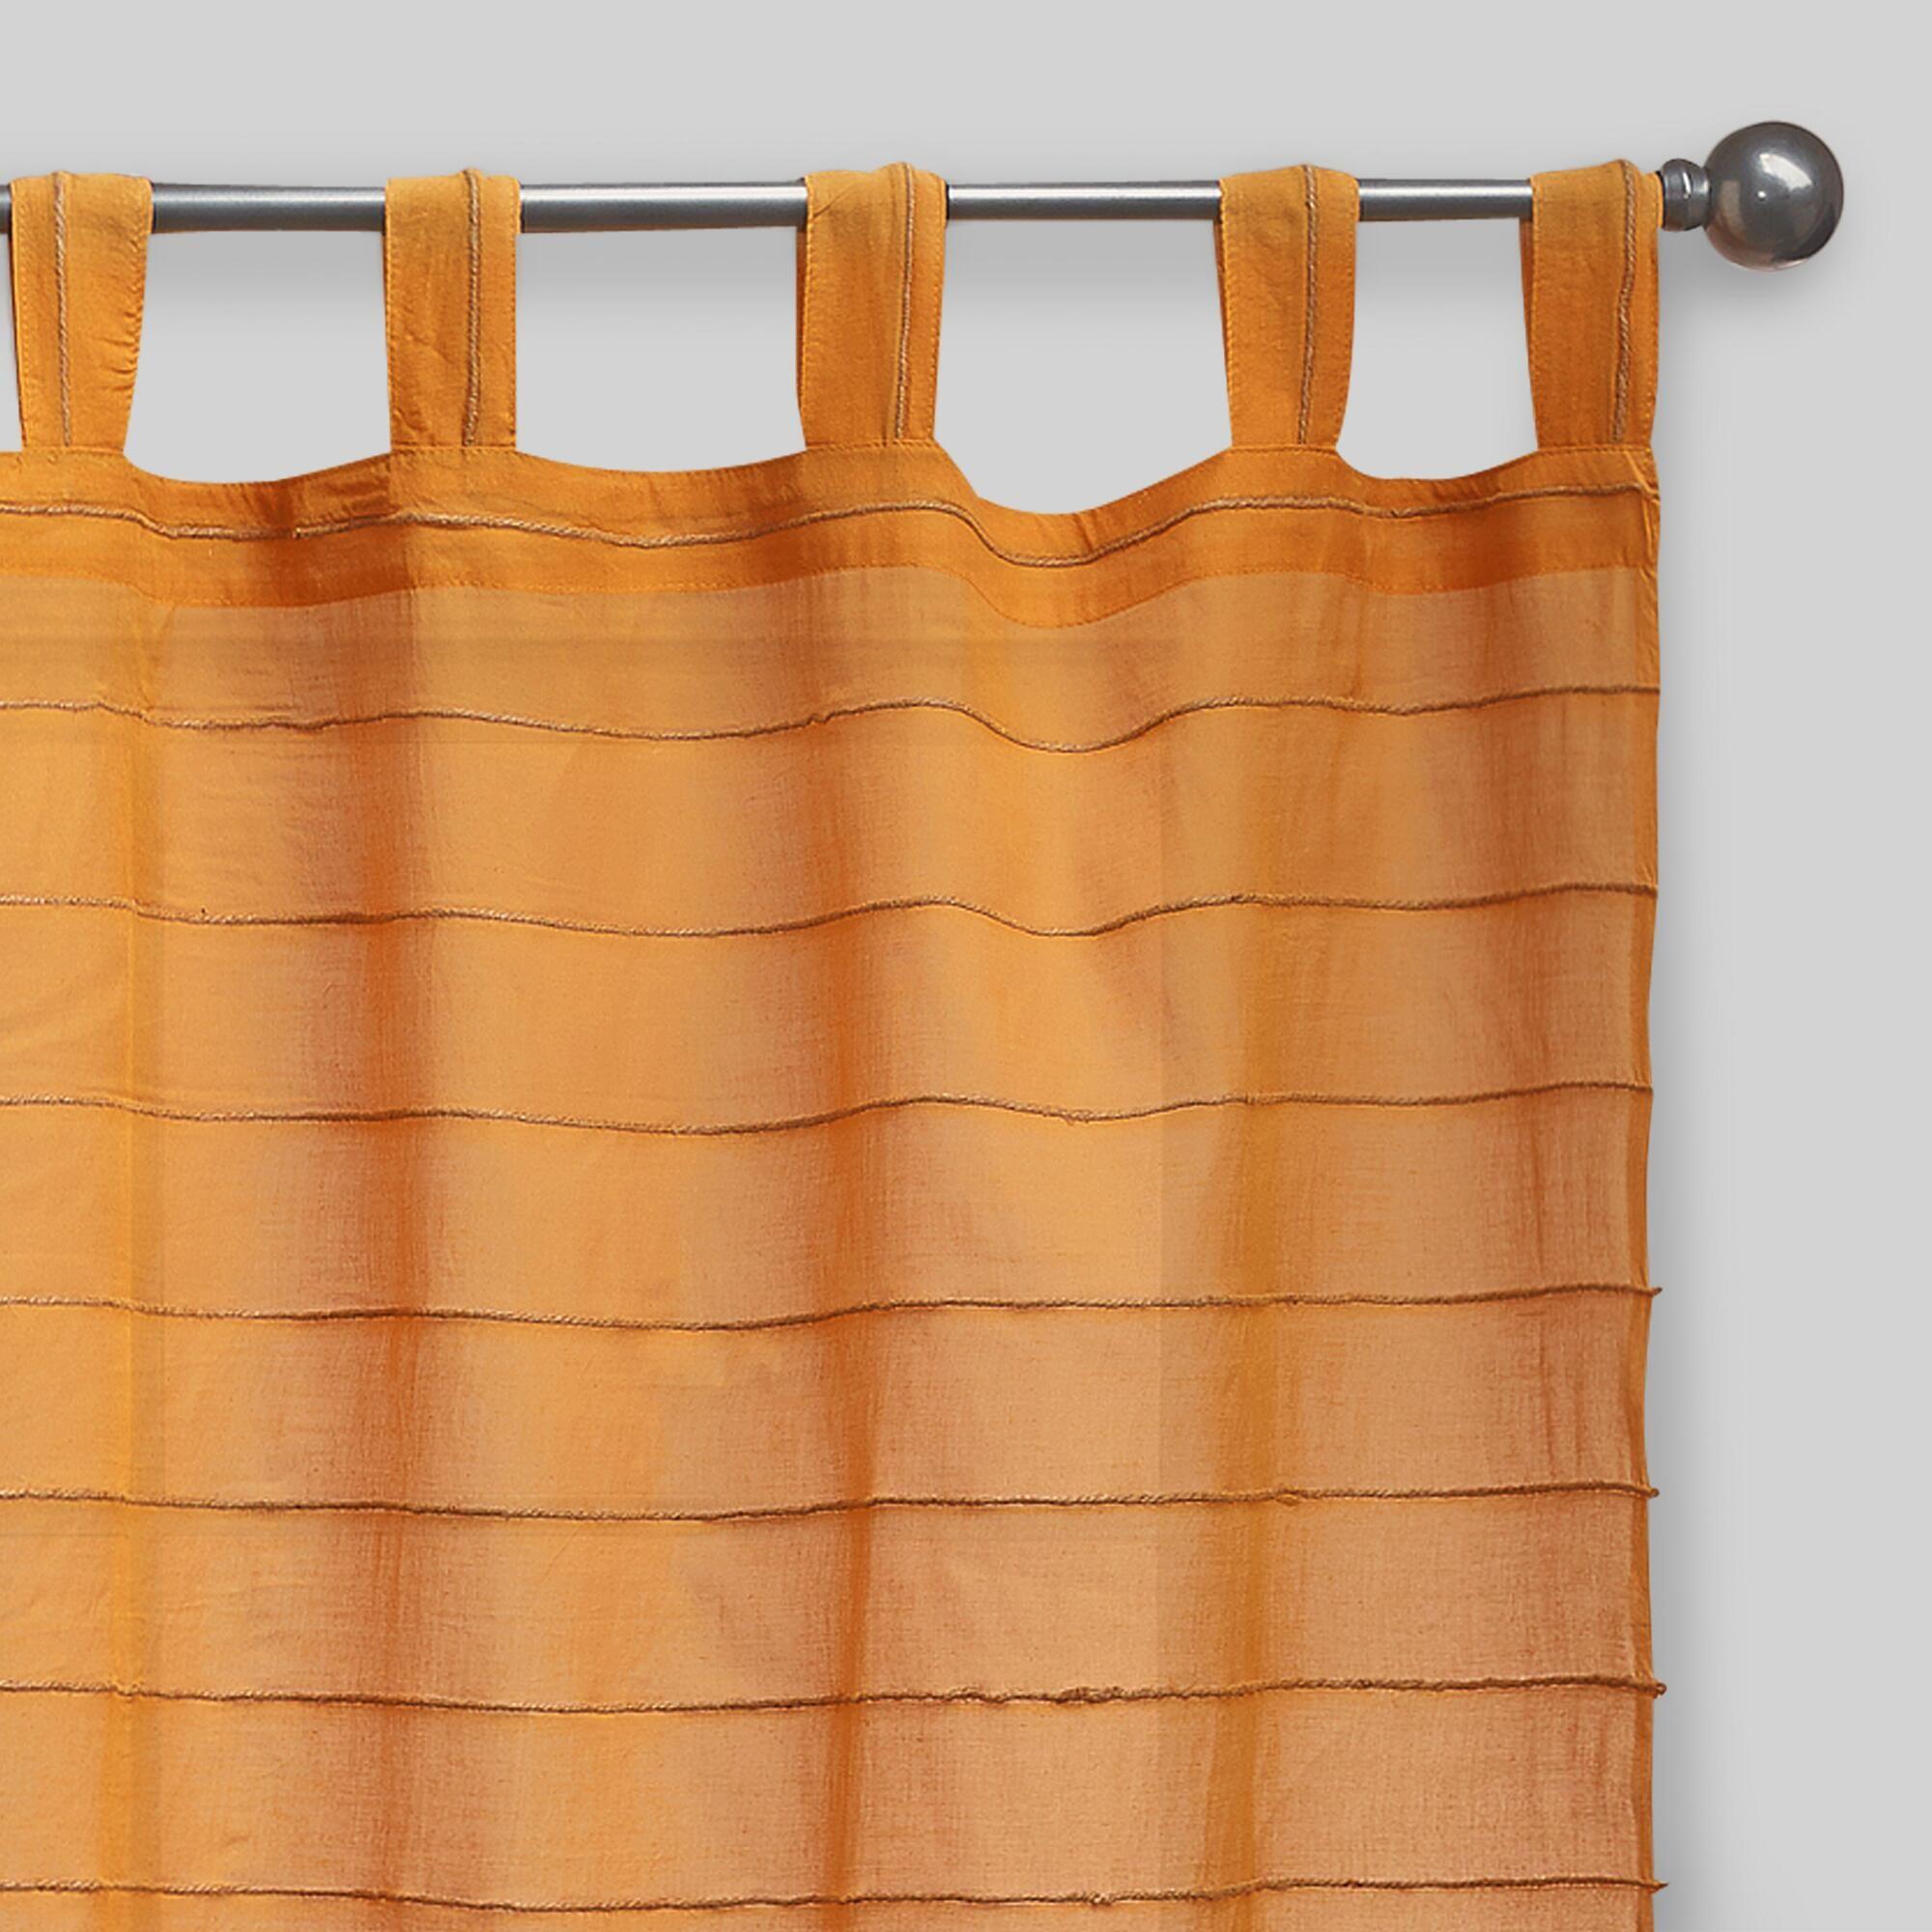 NEW Jojo Siwa Bow Joelle Joanie Custom Shower Curtain 100/% Polyester 60x72 66x72